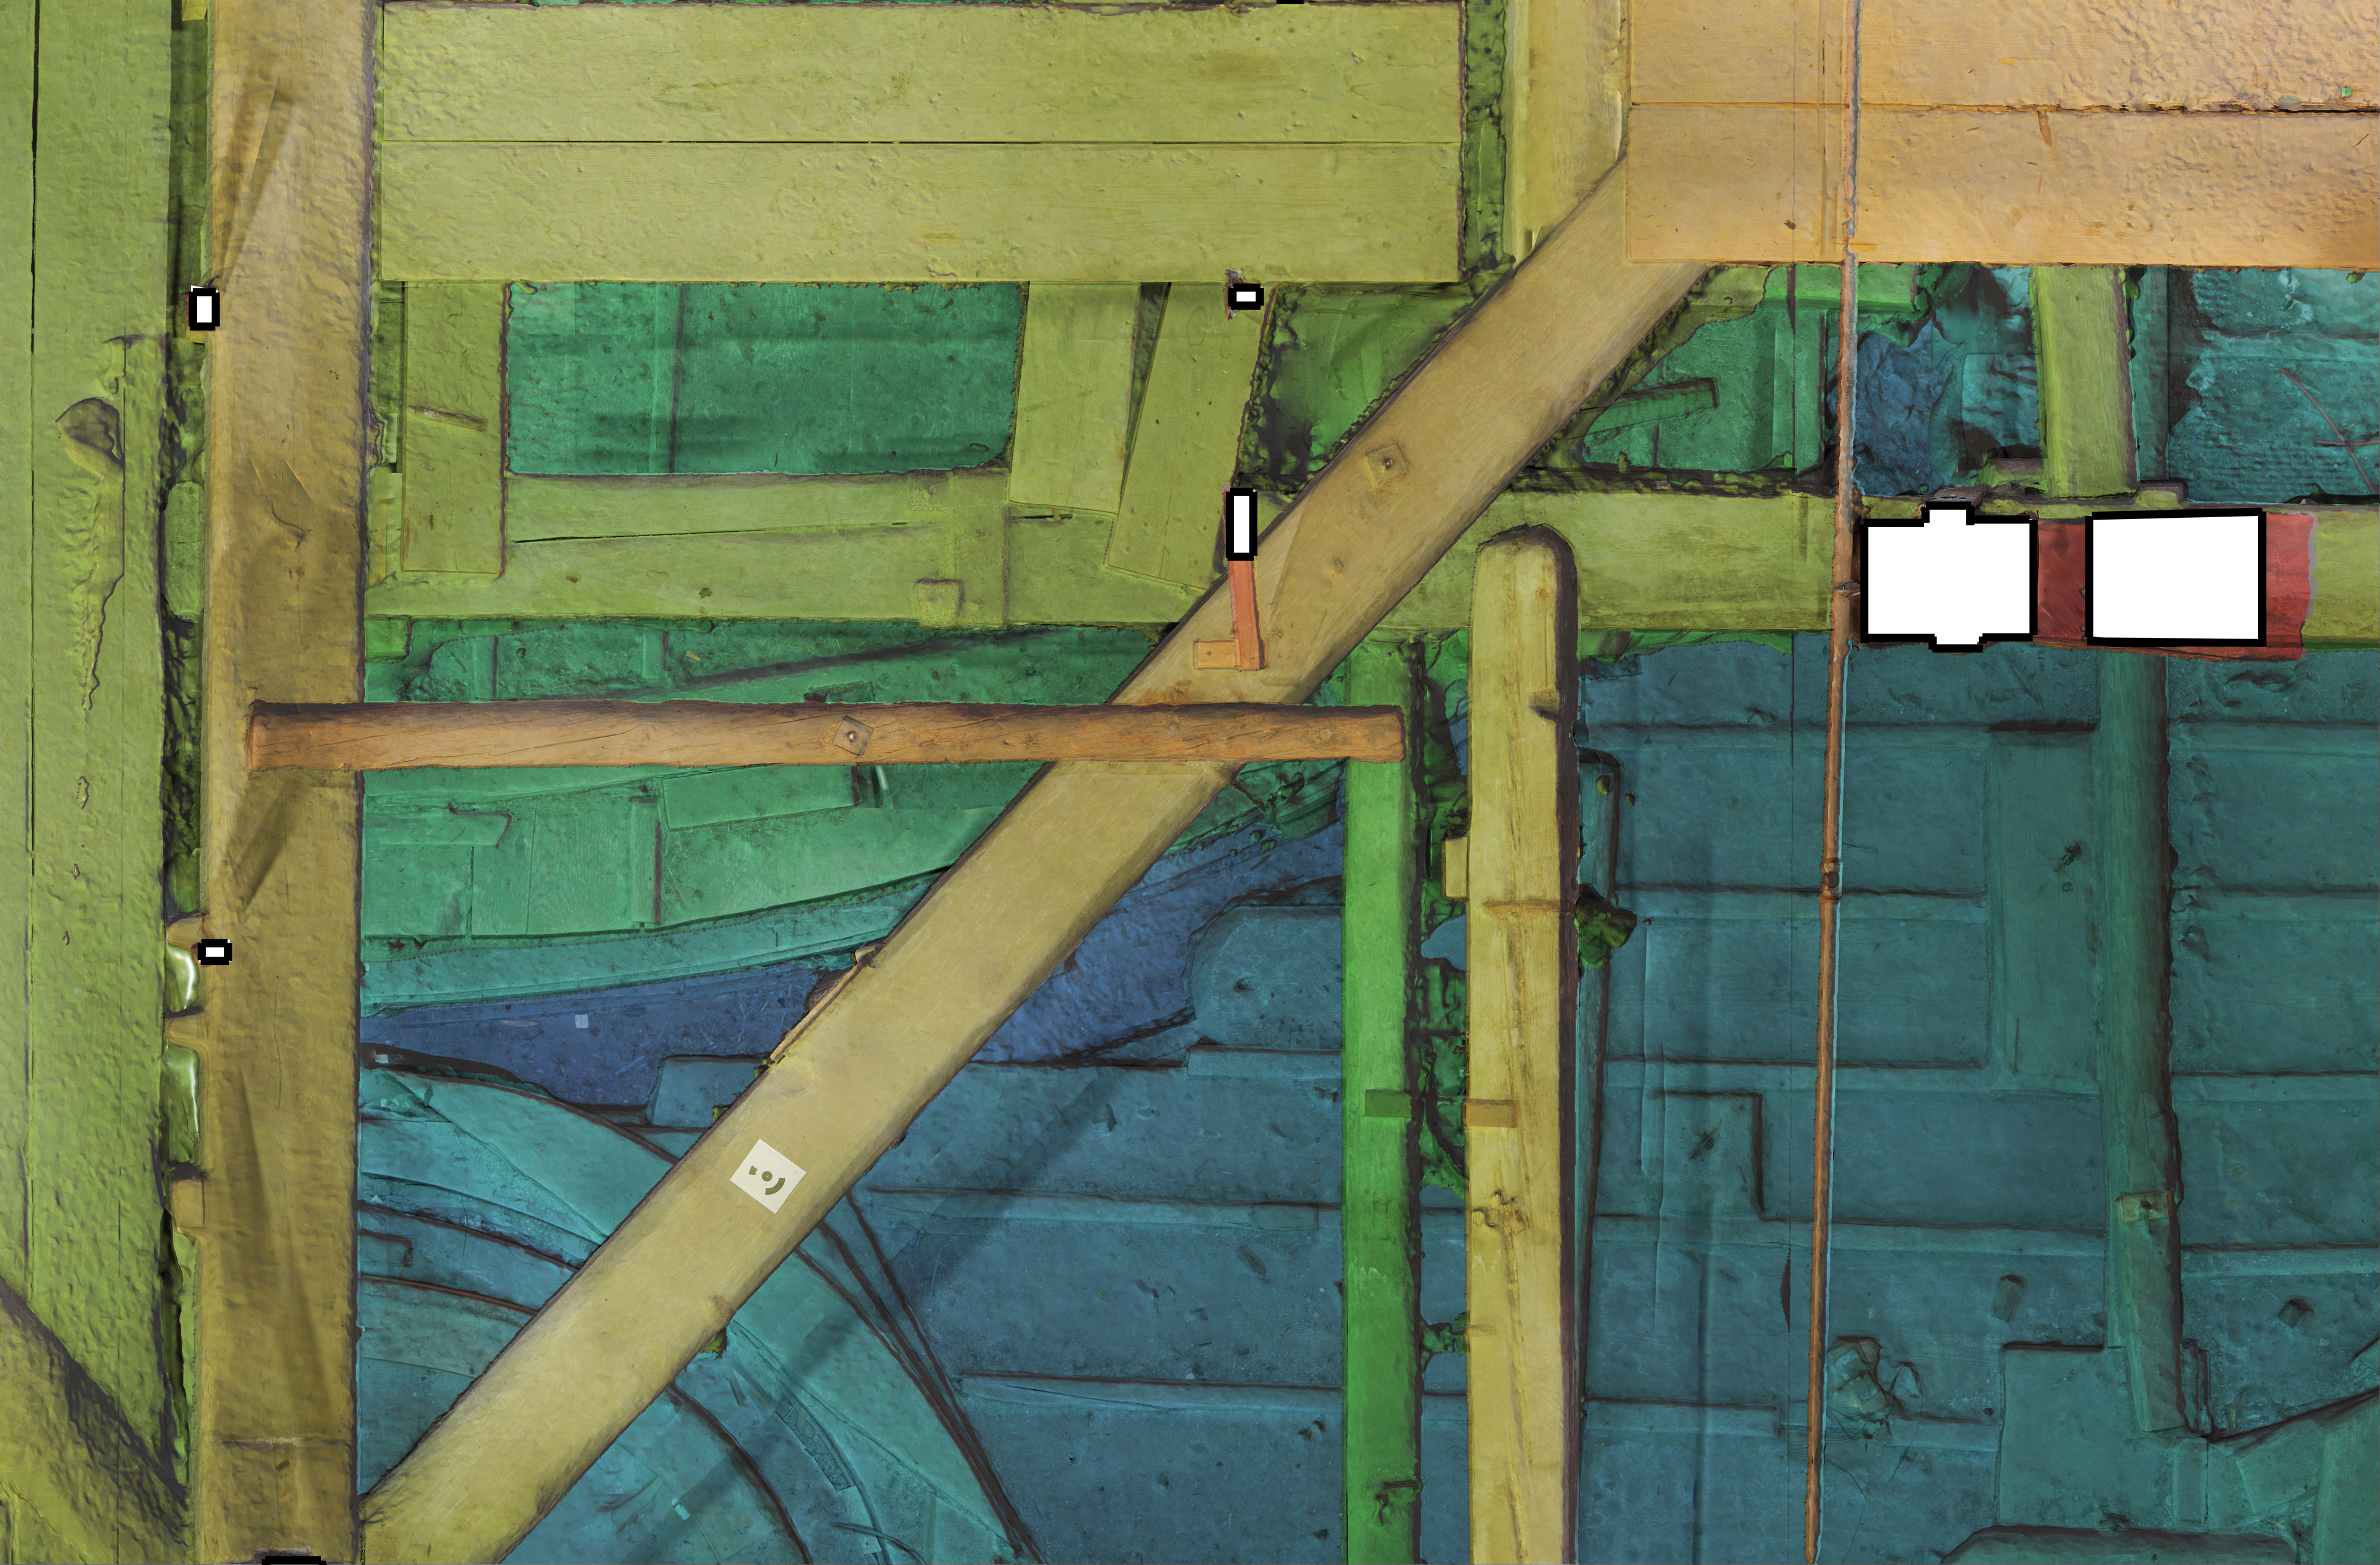 Rilievo fotogrammetrico soffitta Palazzo Ducale di Venezia  DEM del piano orizzontale (livello 1)